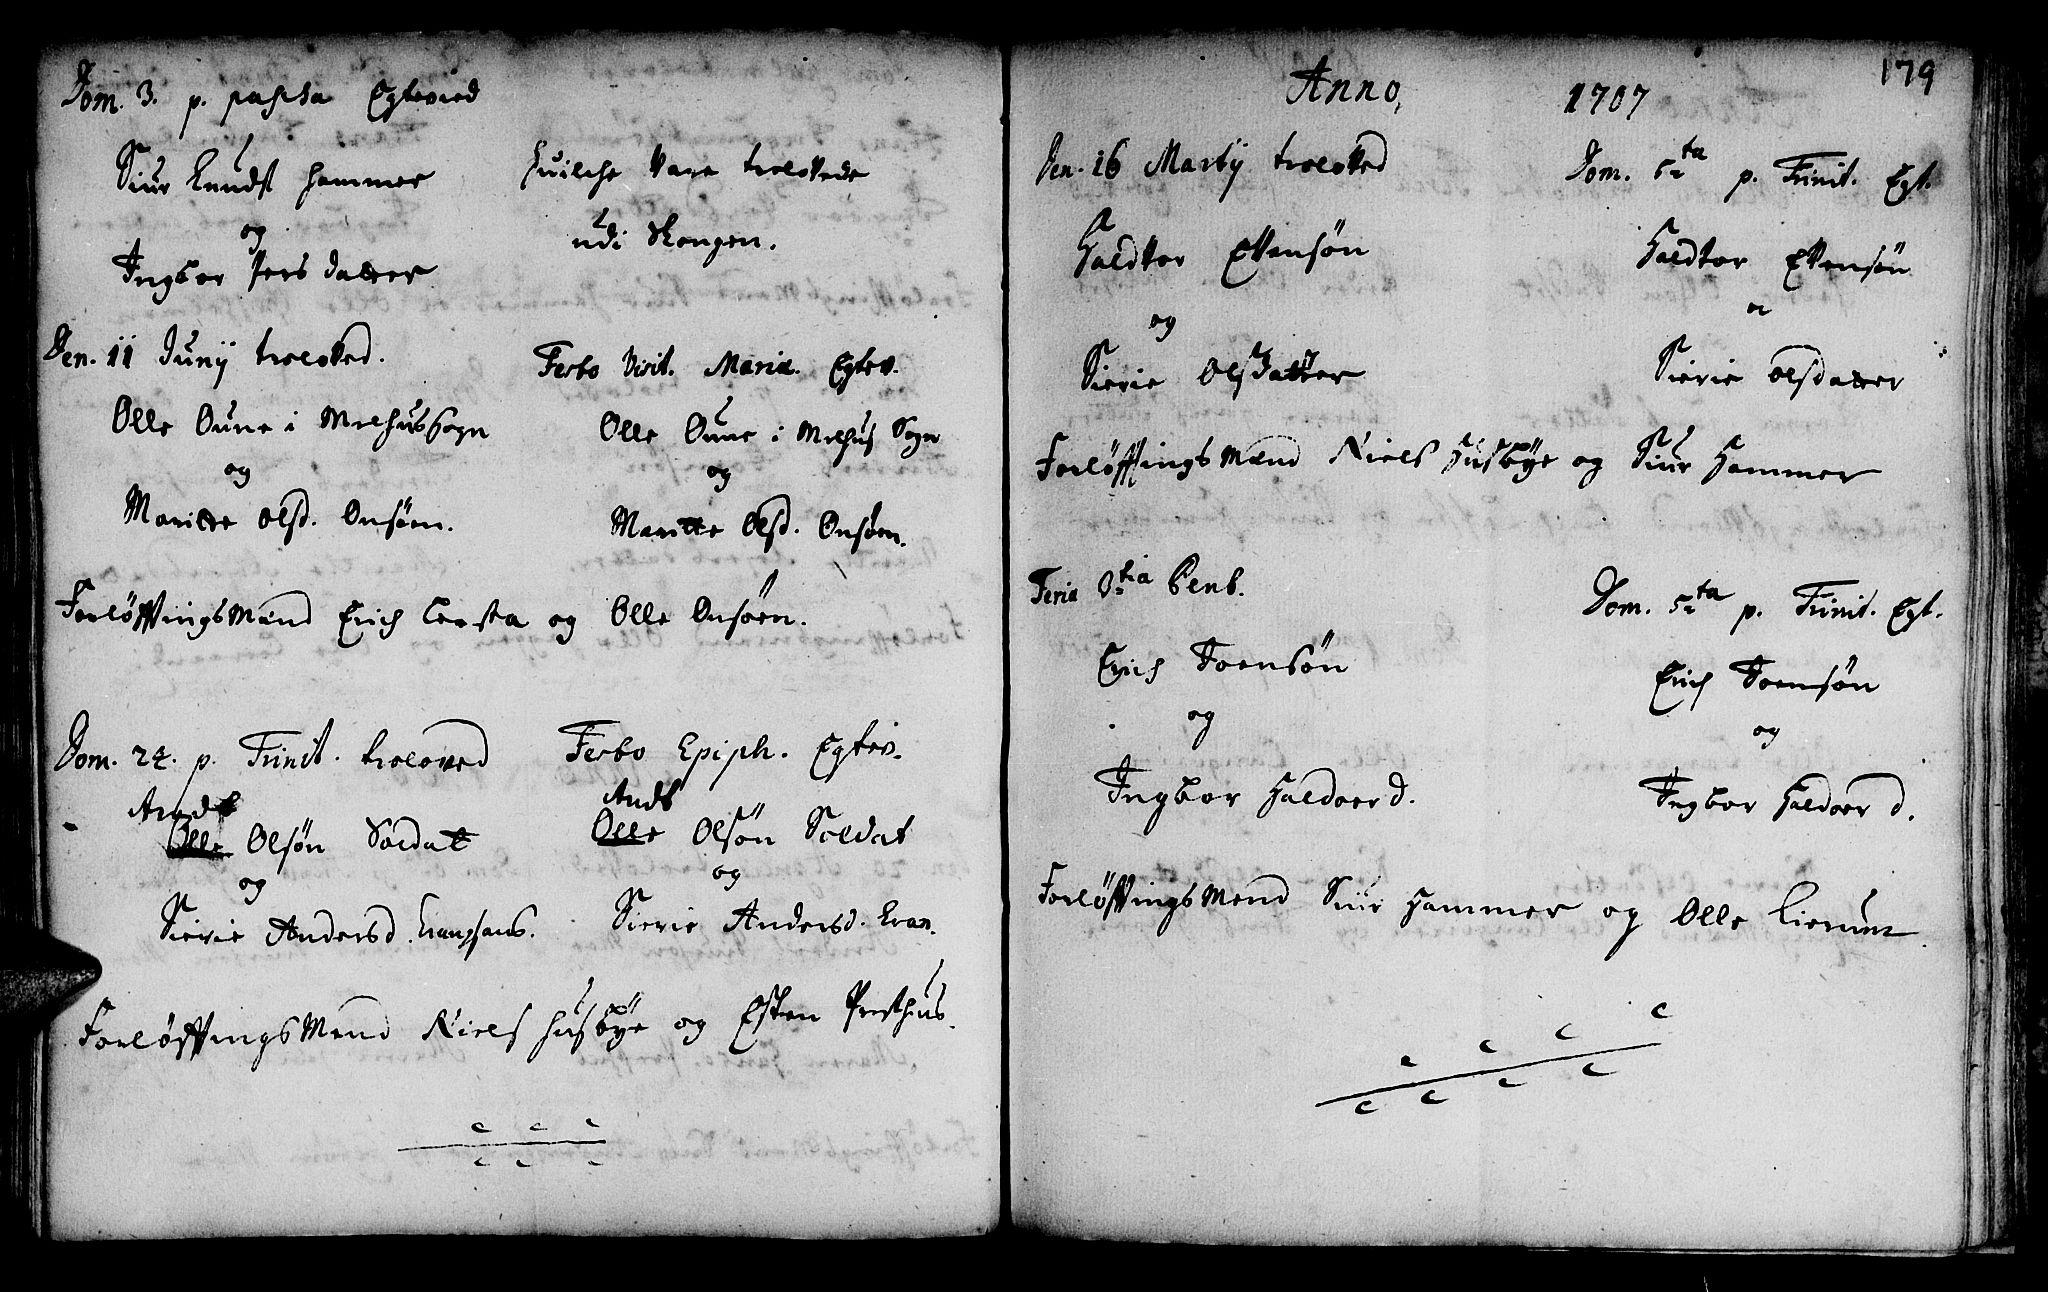 SAT, Ministerialprotokoller, klokkerbøker og fødselsregistre - Sør-Trøndelag, 666/L0783: Ministerialbok nr. 666A01, 1702-1753, s. 179